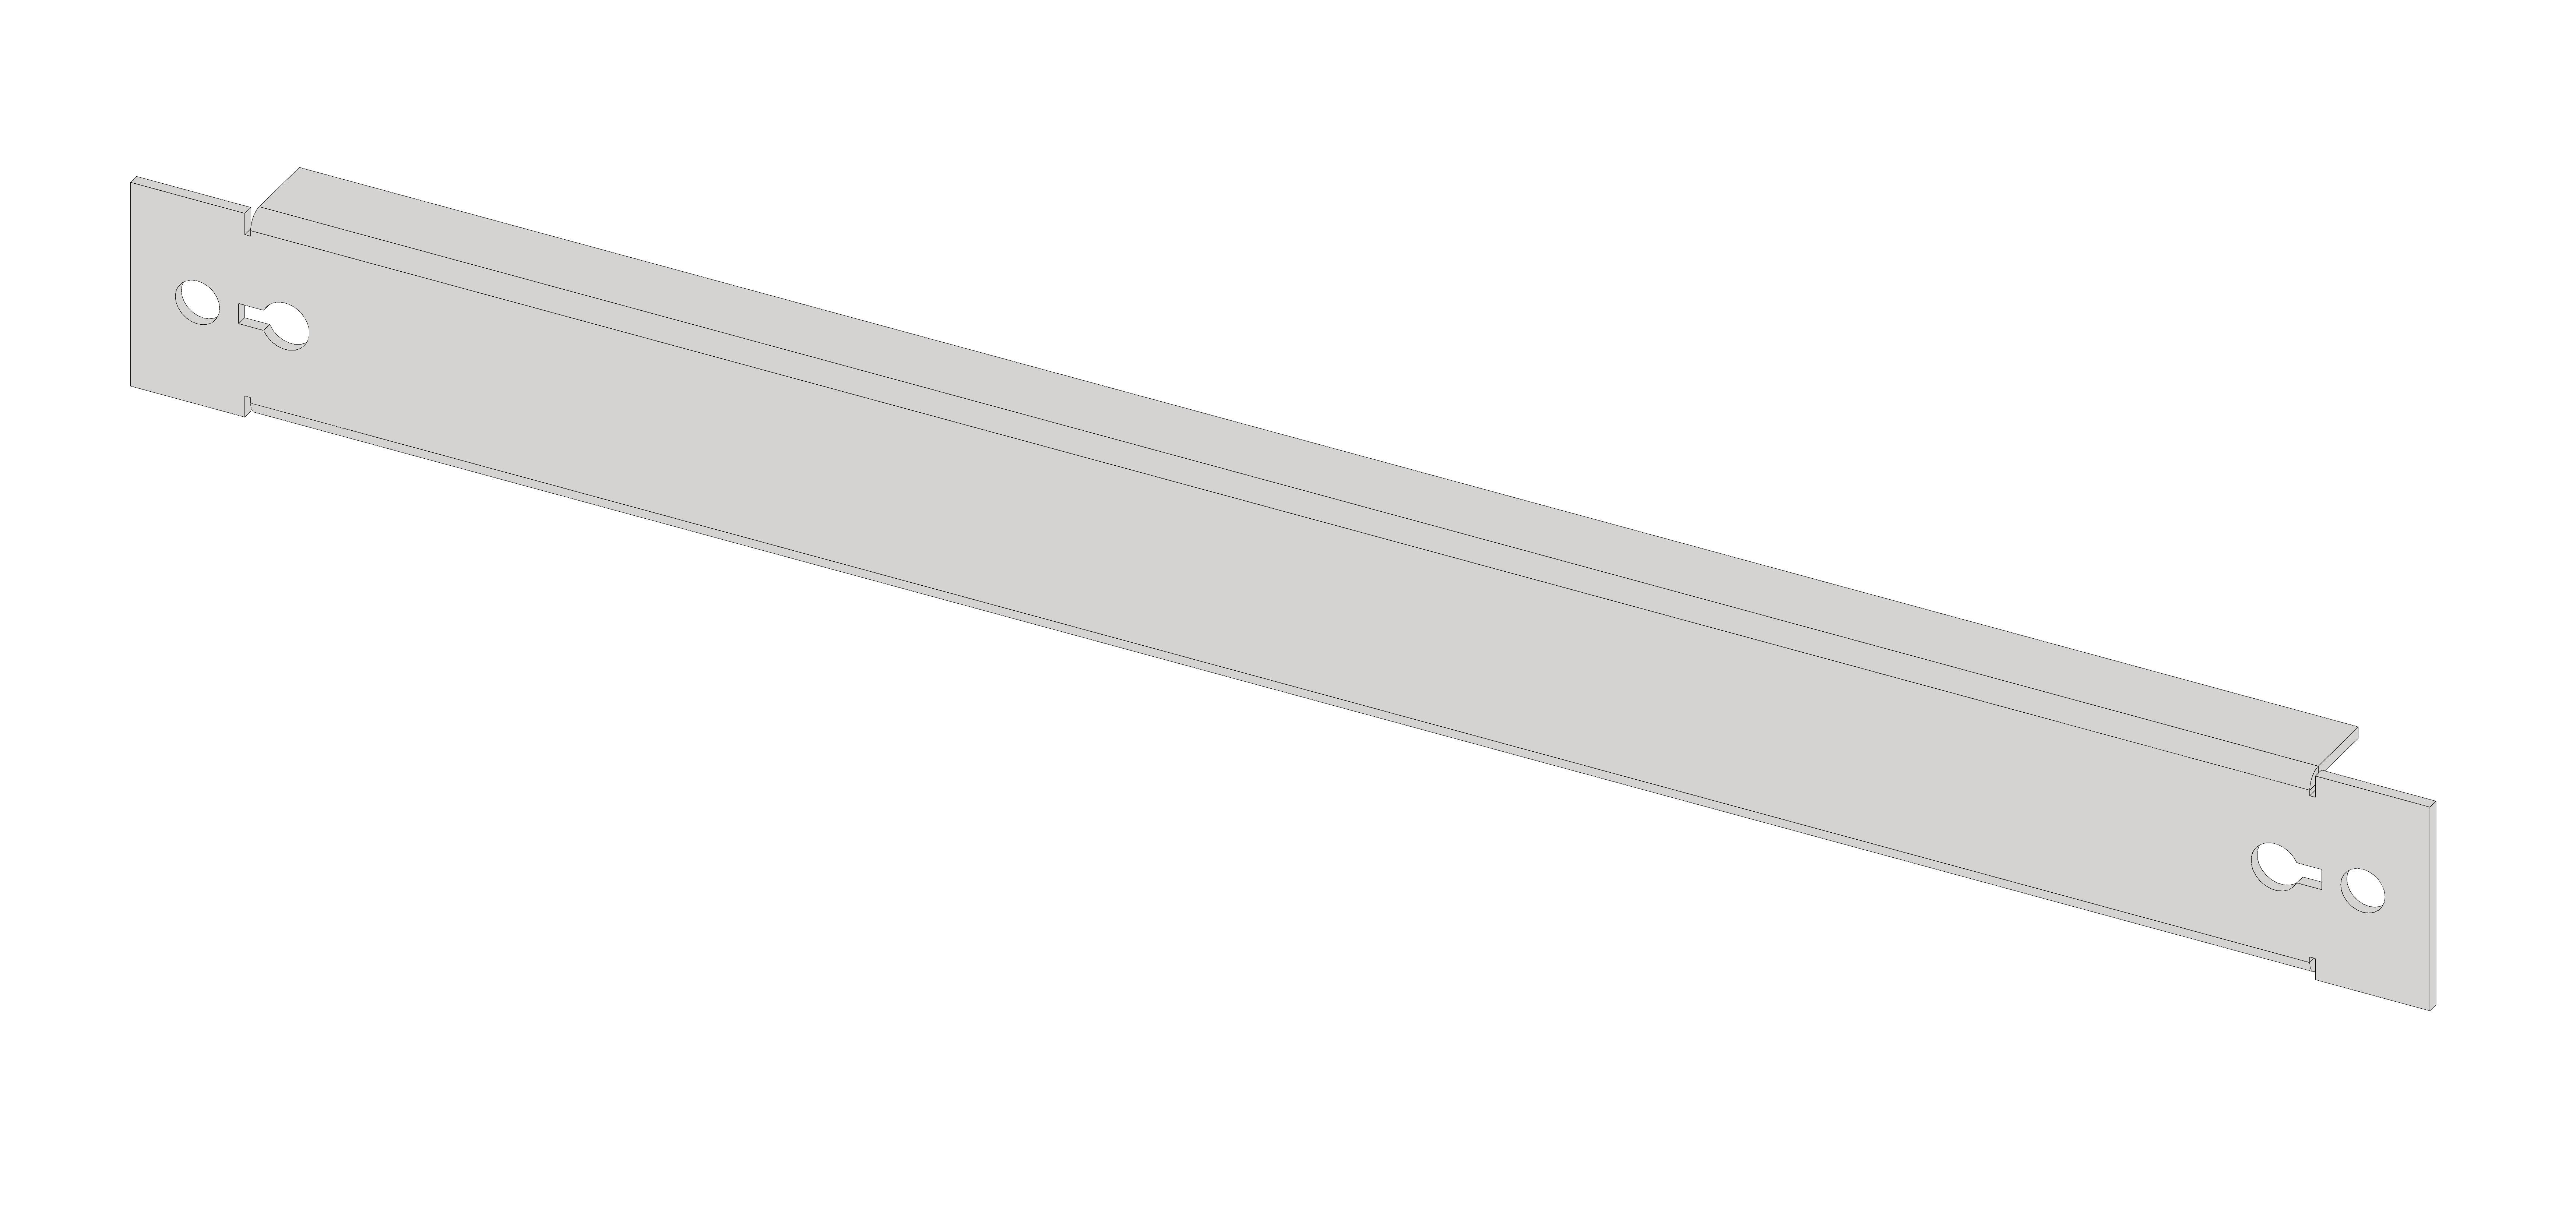 1 Stk Blindfrontplatte 2B1K Kunststoff IL066201-H